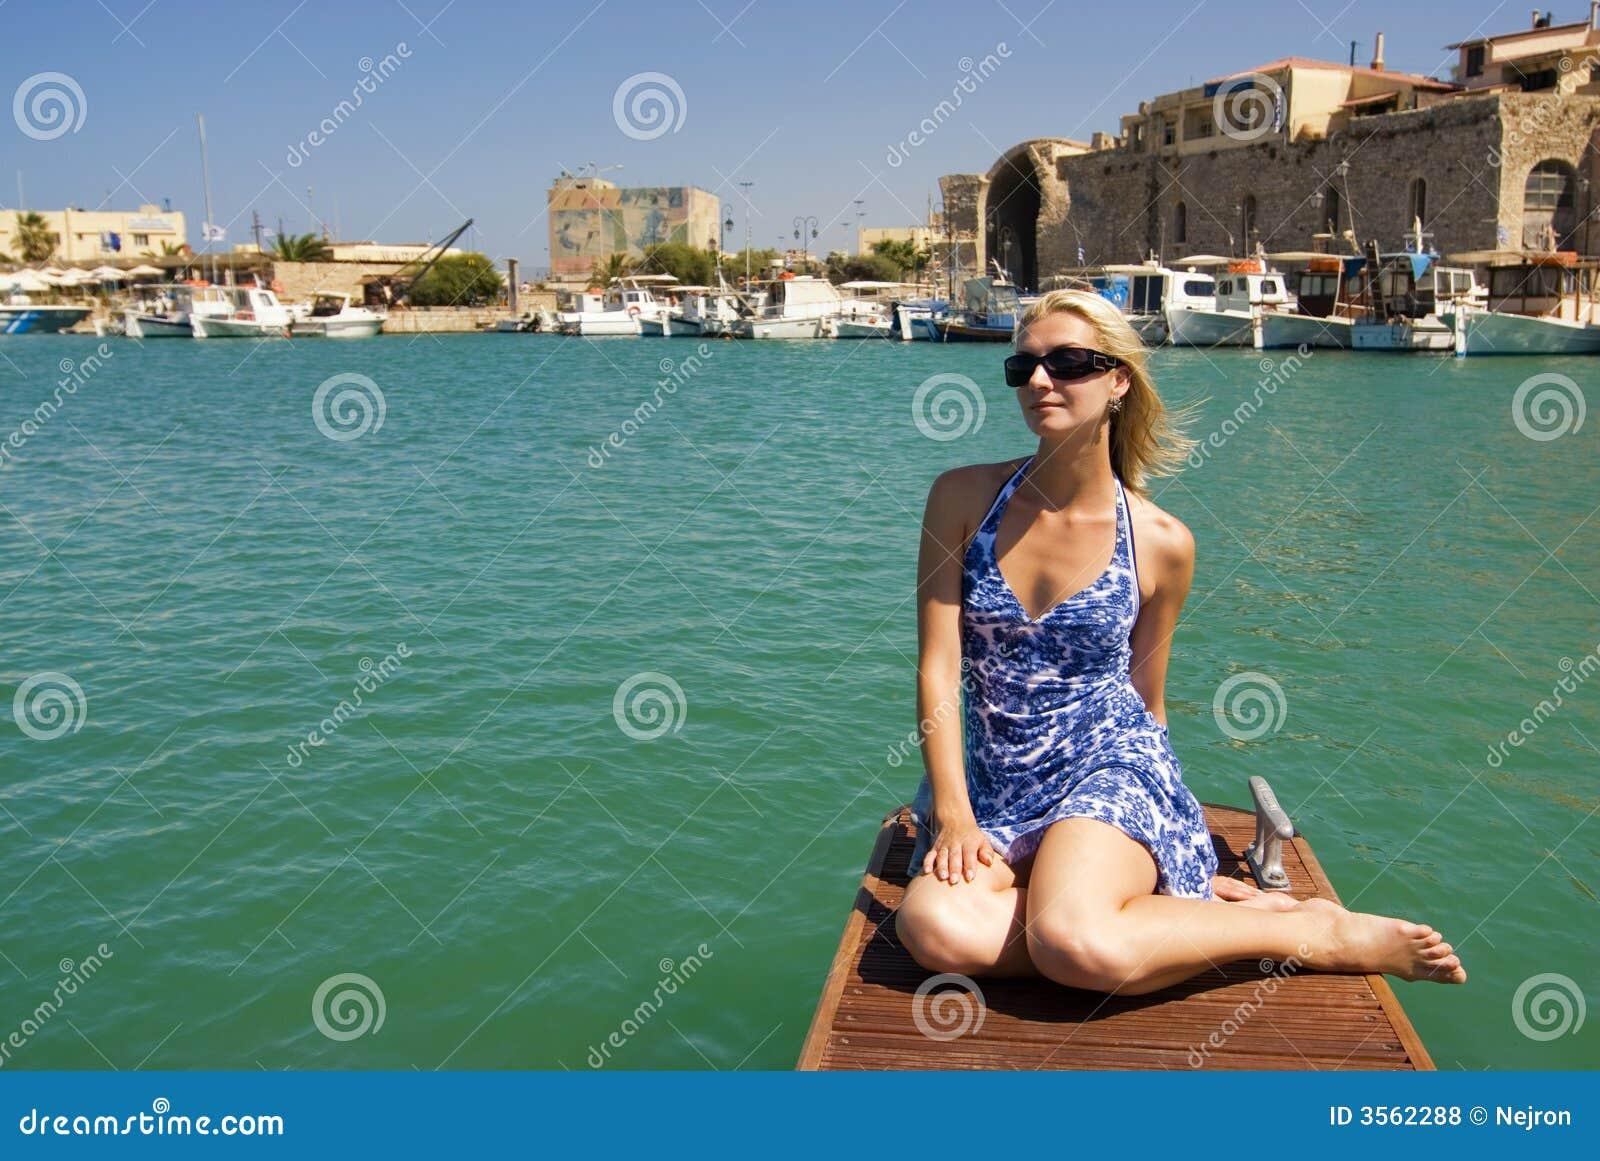 Ragazza vicino agli yacht